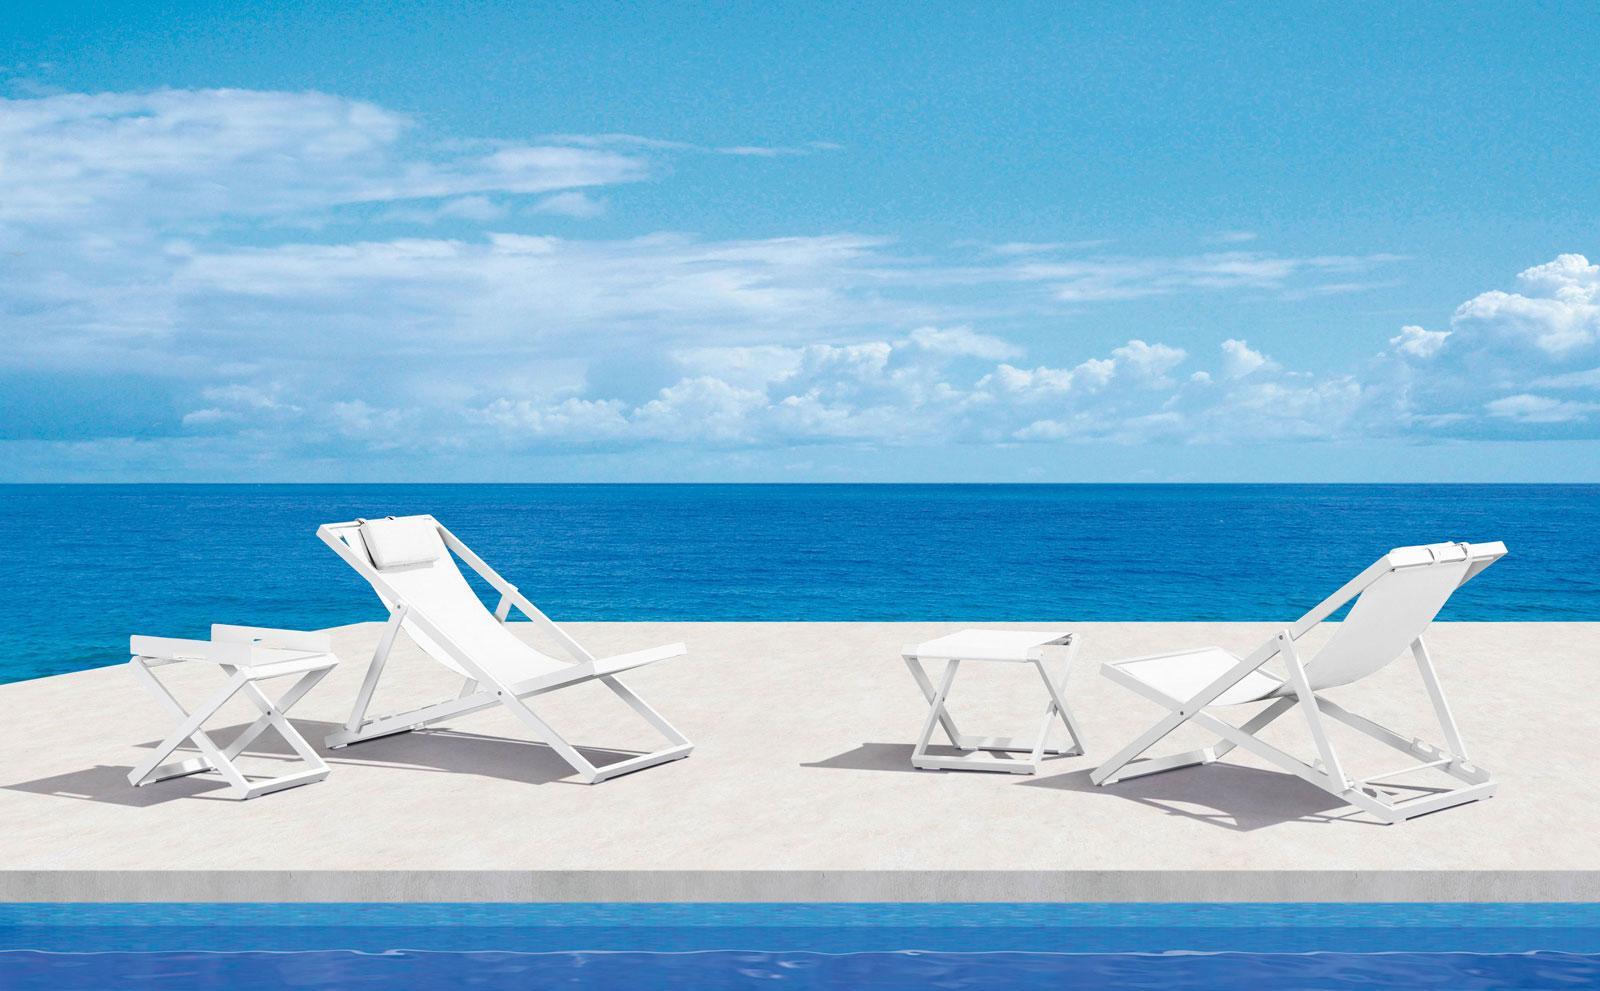 Sedia a sdraio in alluminio e textilene bianco. Pieghevole e leggera. Lavabile e perfetta per uso esterno. Consegna a domicilio.